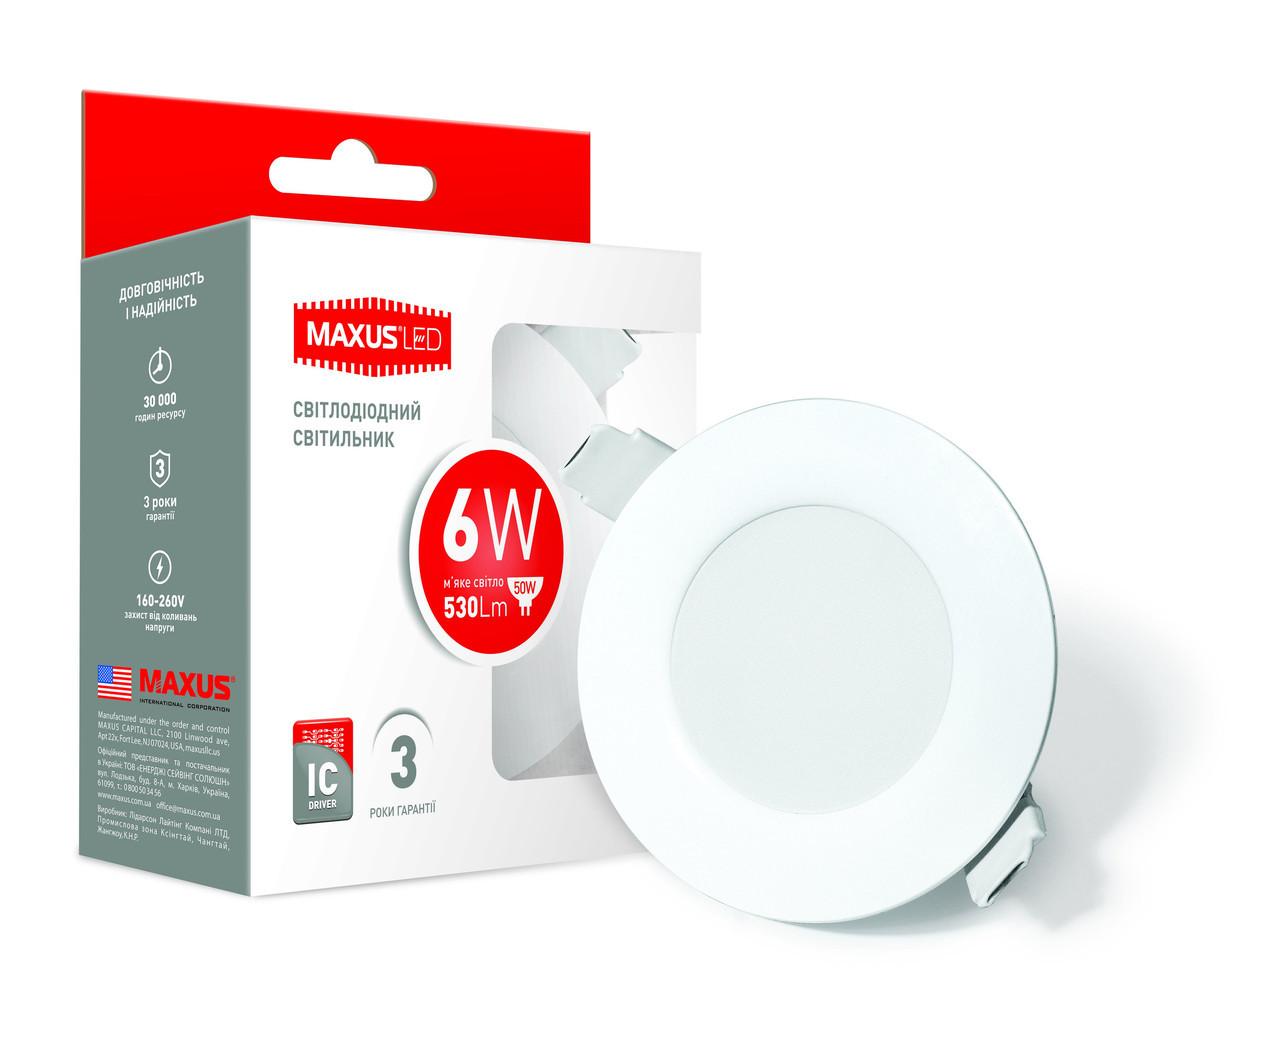 Світлодіодний точковий світильник MAXUS LED SDL mini 6W 4100K (1-SDL-004-01)